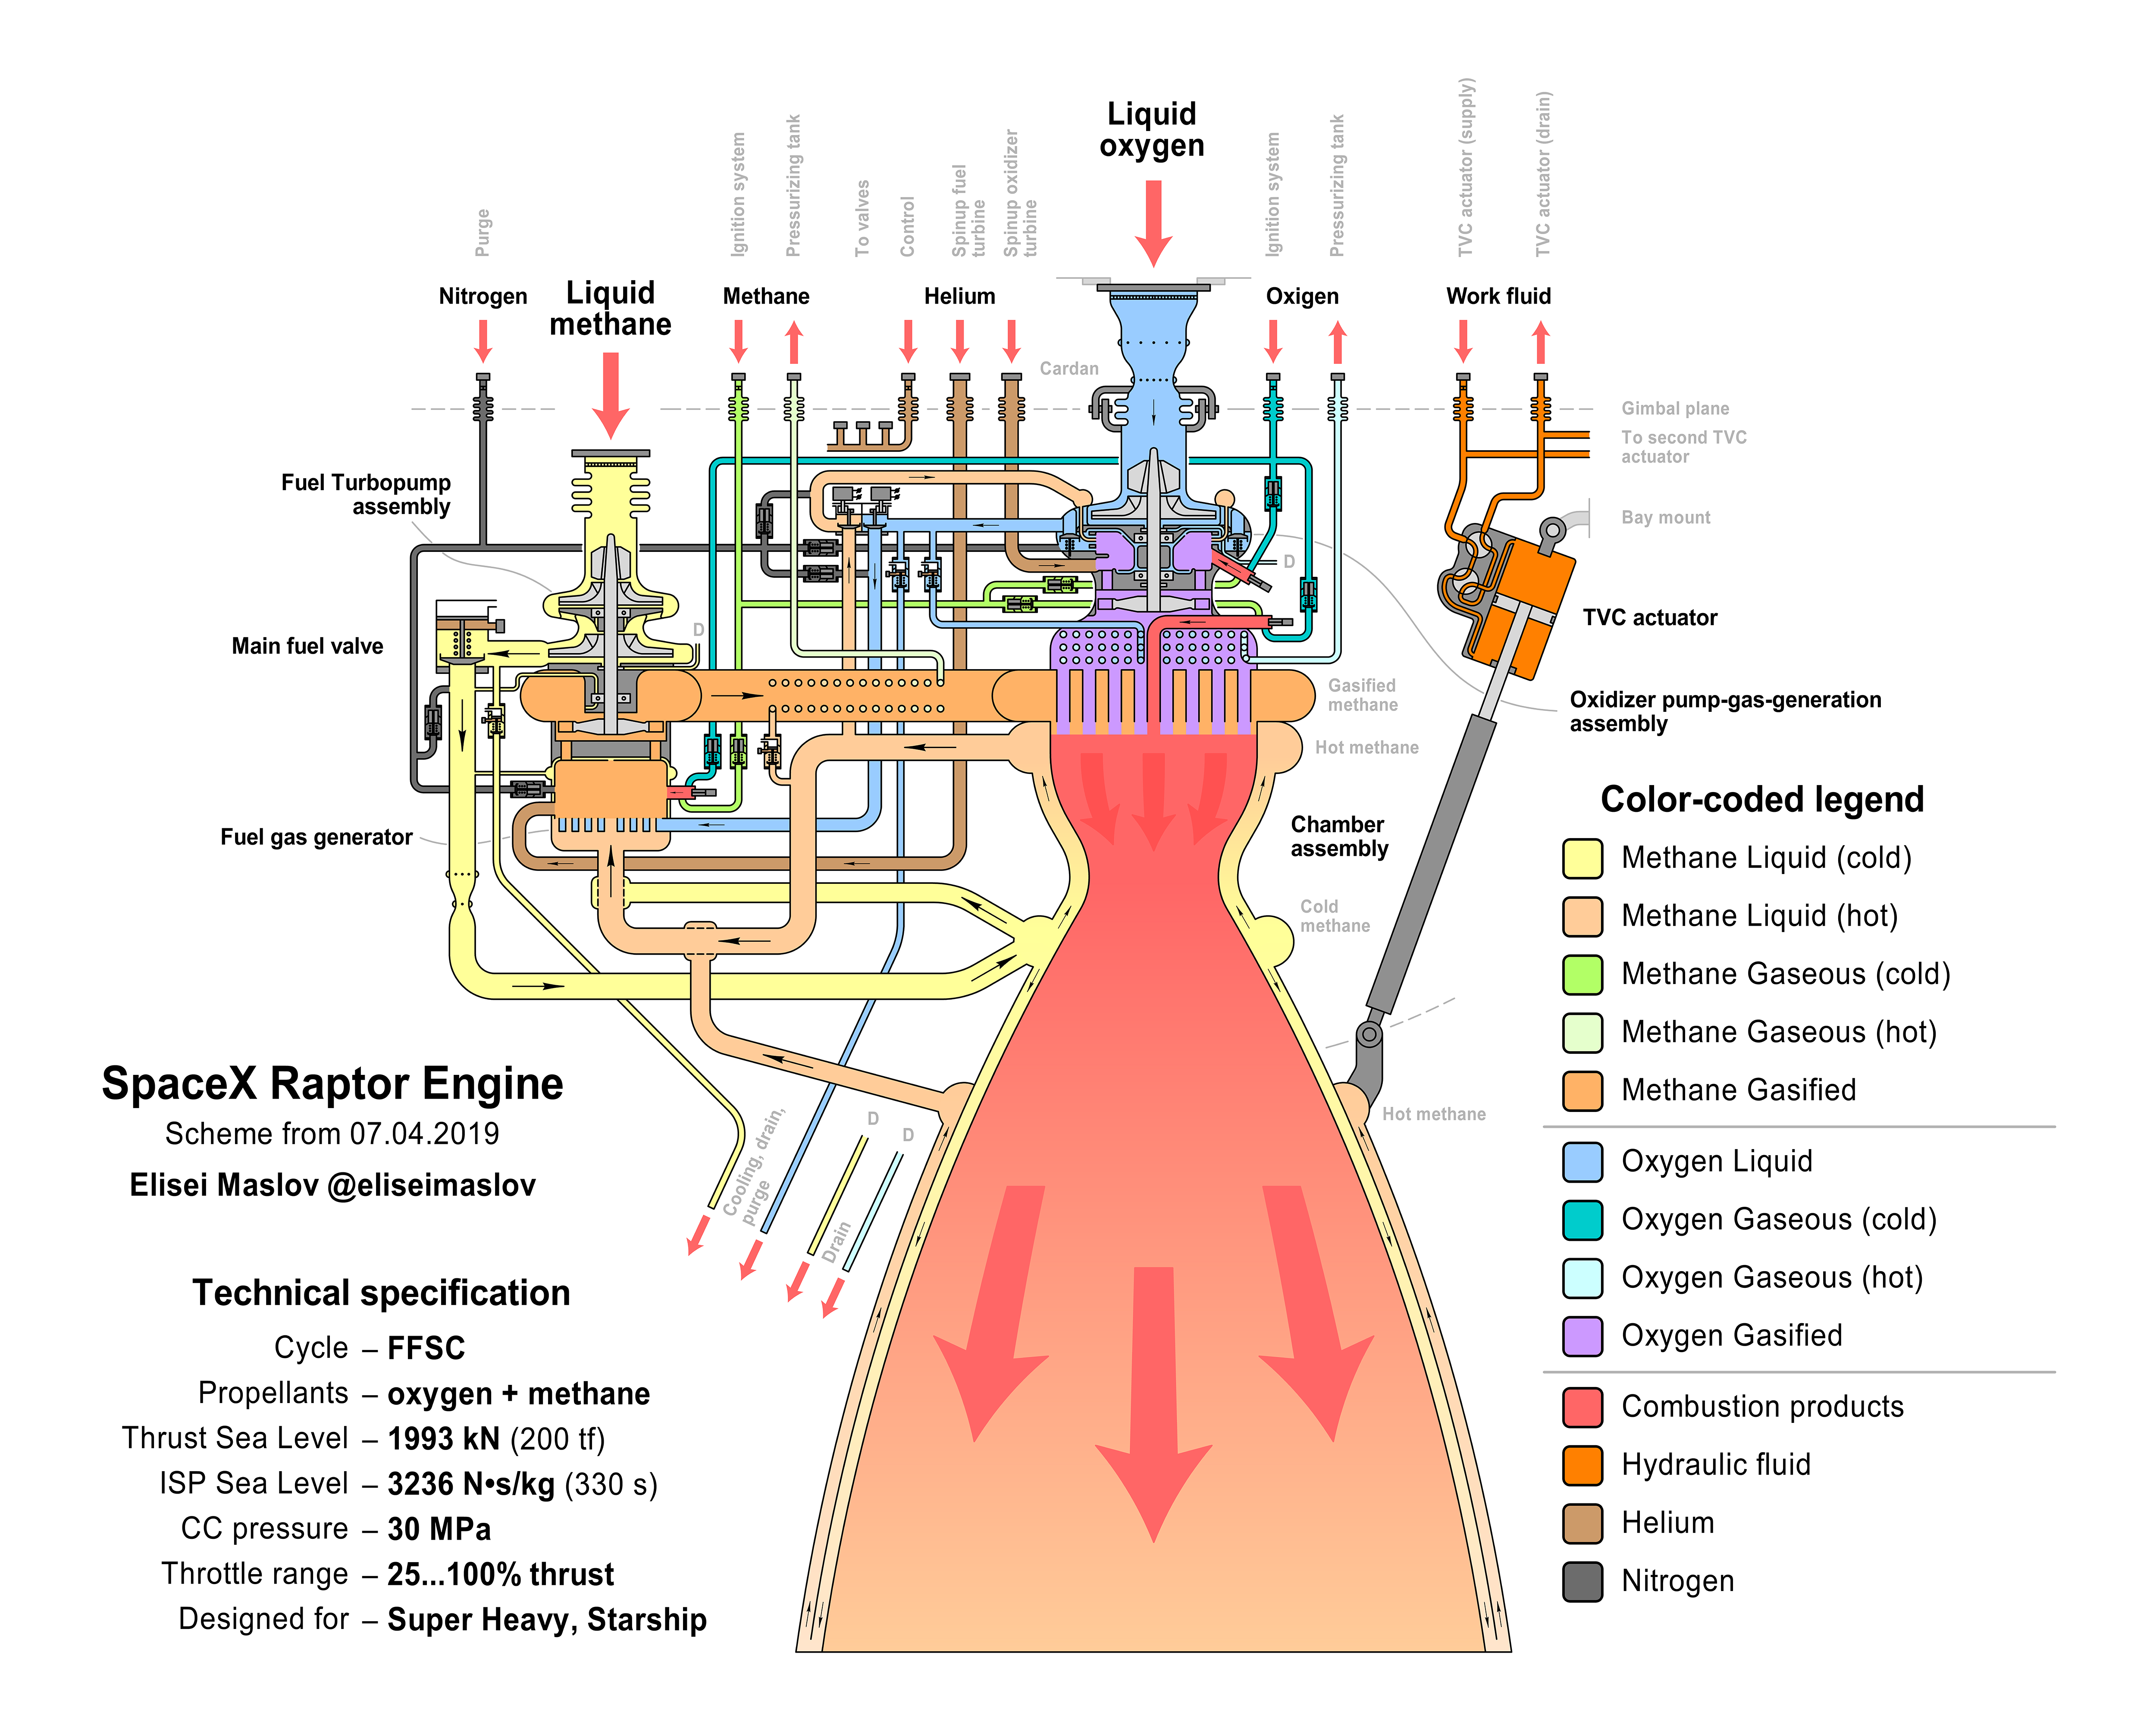 Detailed Diagram Of The Raptor Engine Er26 Gimbal Spacex In 2020 Rocket Engine Spacex Spacex Rocket